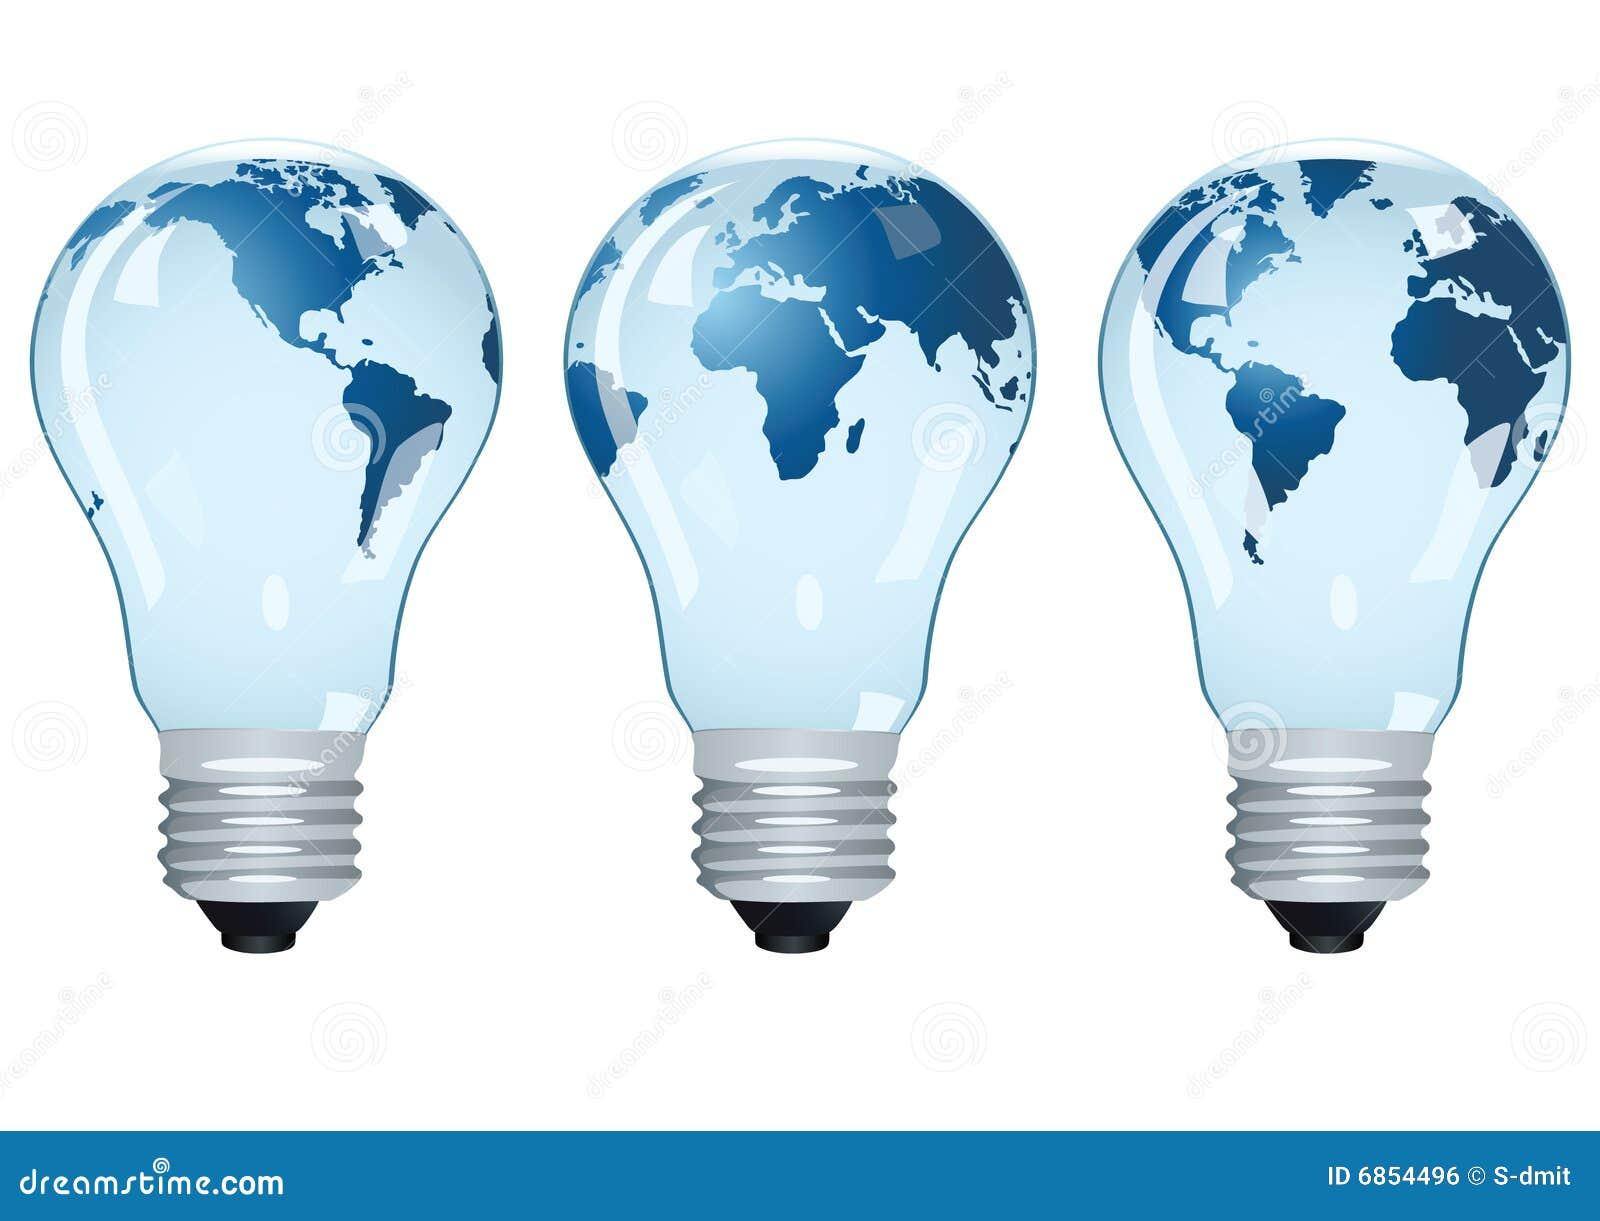 Bulbos eléctricos con las correspondencias.